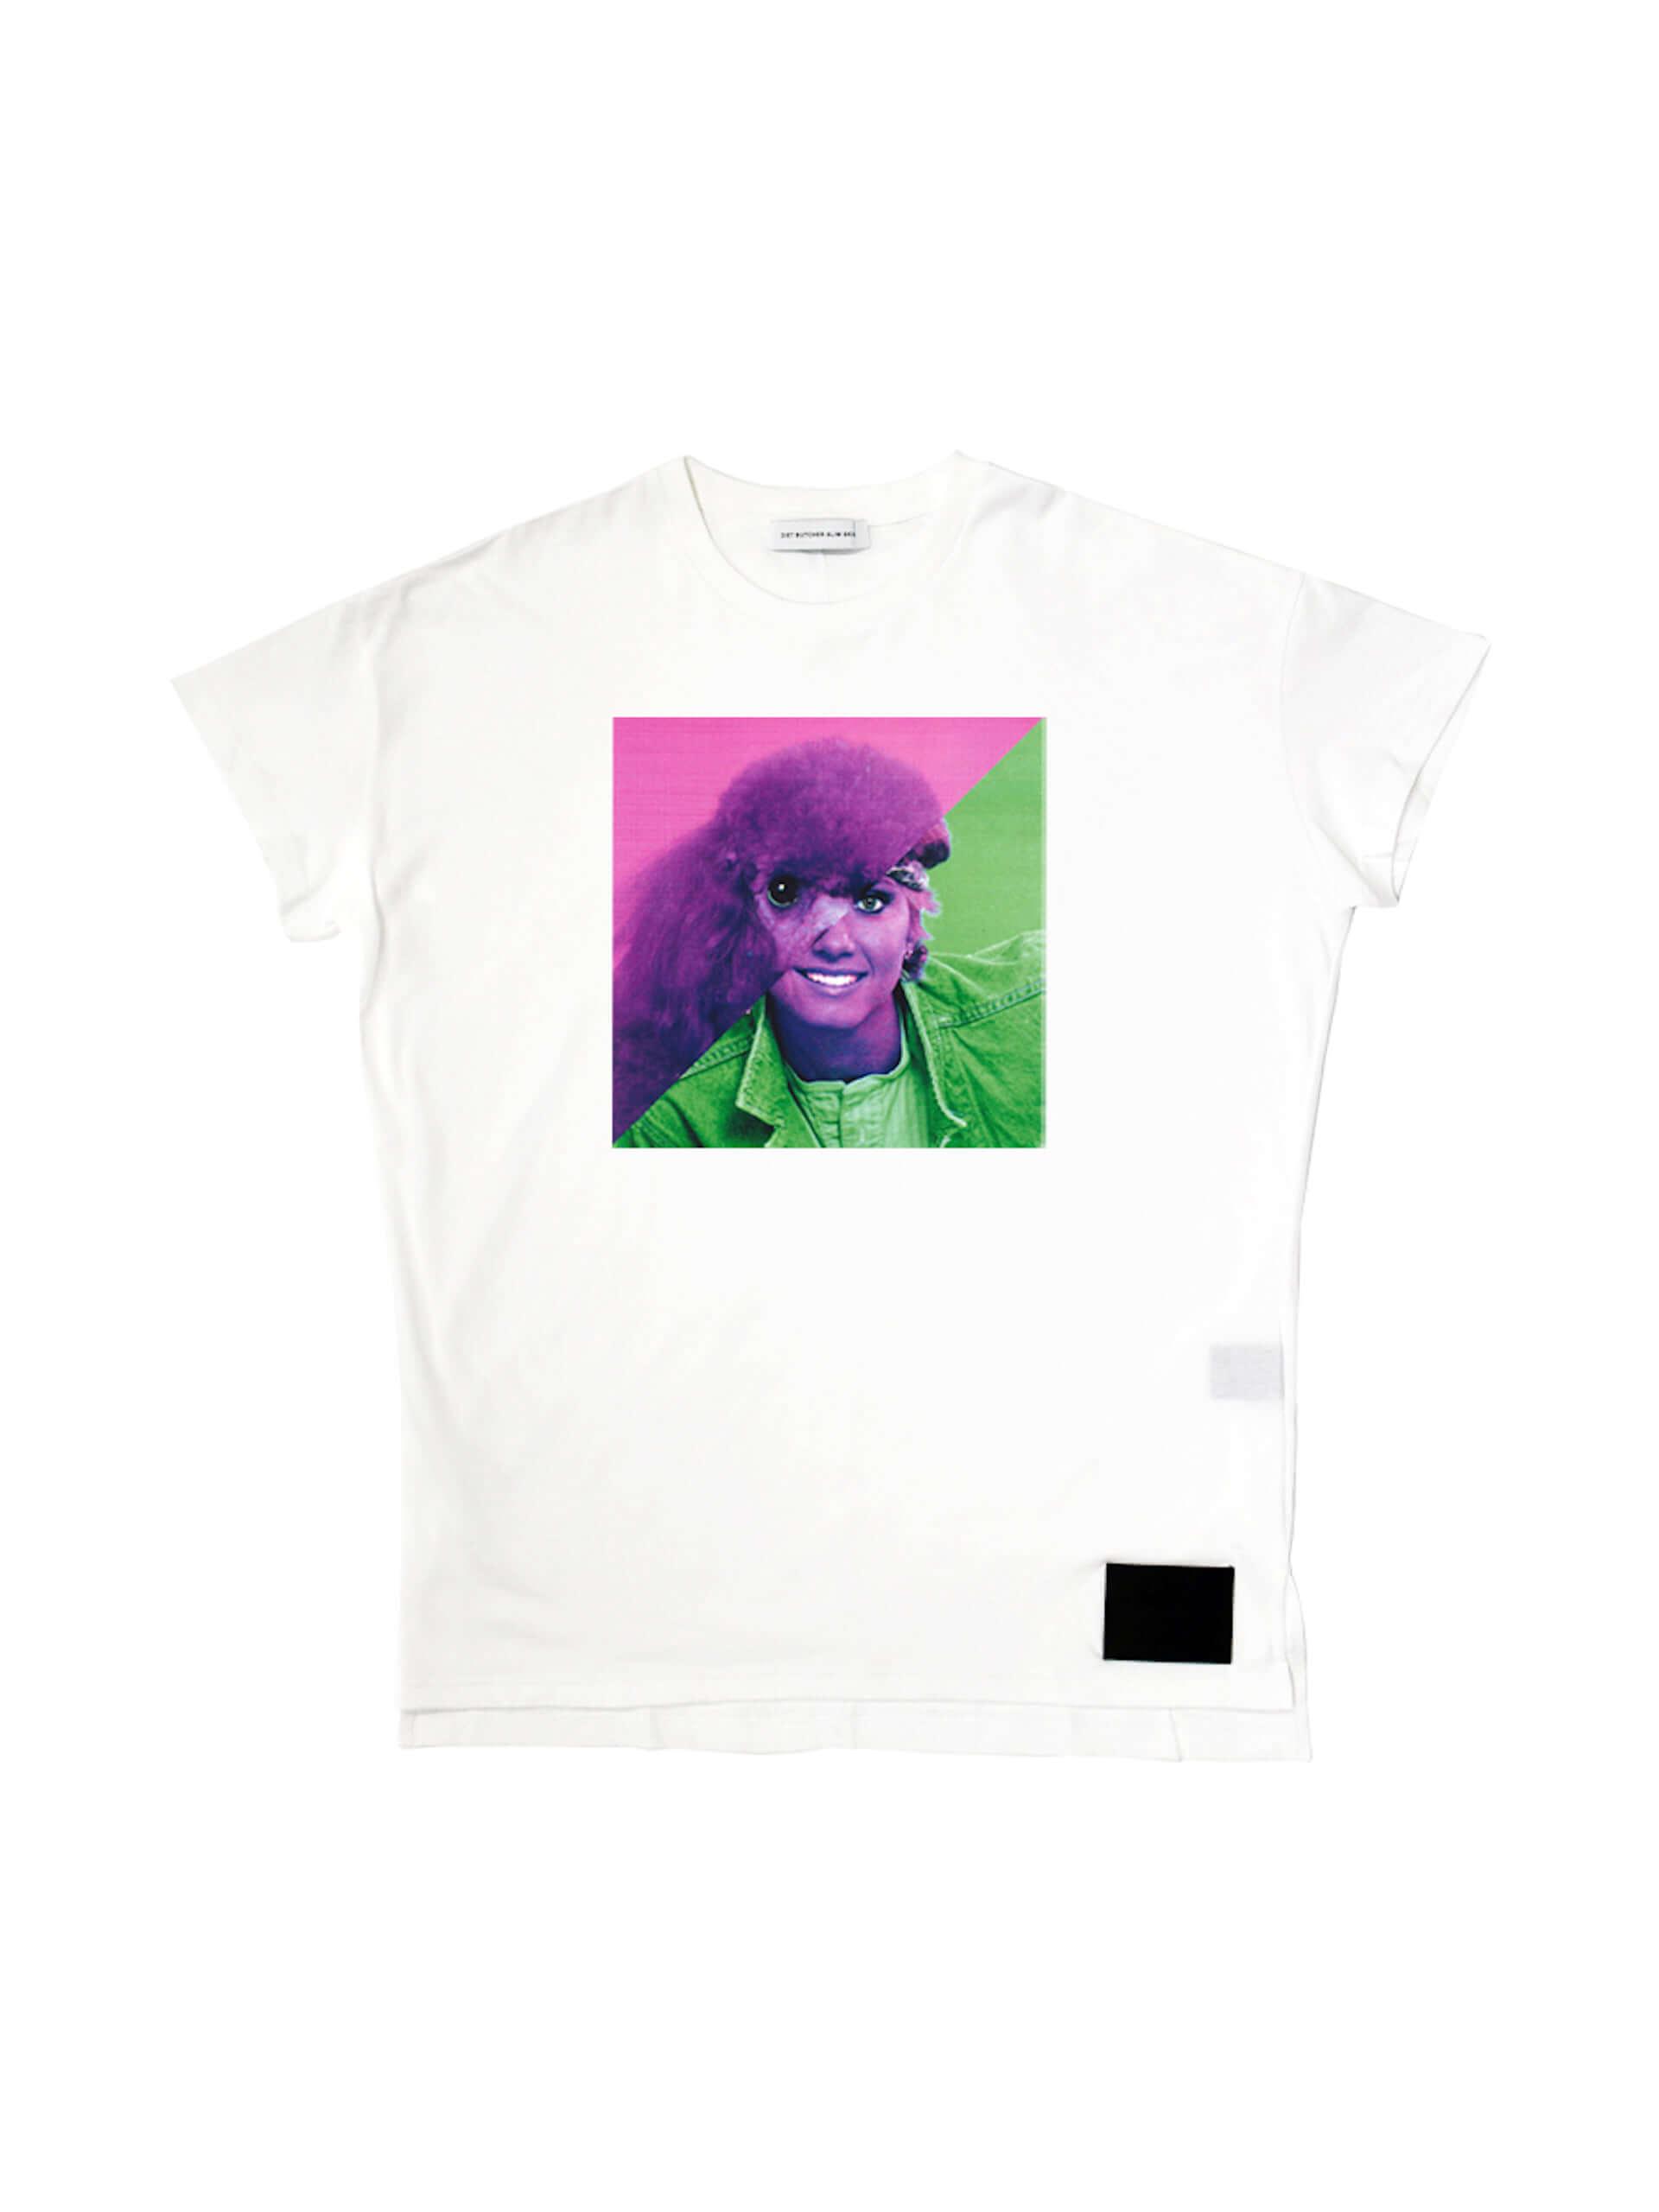 DIET BUTCHER SLIM SKINオンライン限定Tシャツに12種類のグラフィックが復刻!「GRAPHIC GALLERY」カテゴリがオープン 200415_graphic_gallery_14-1920x2560